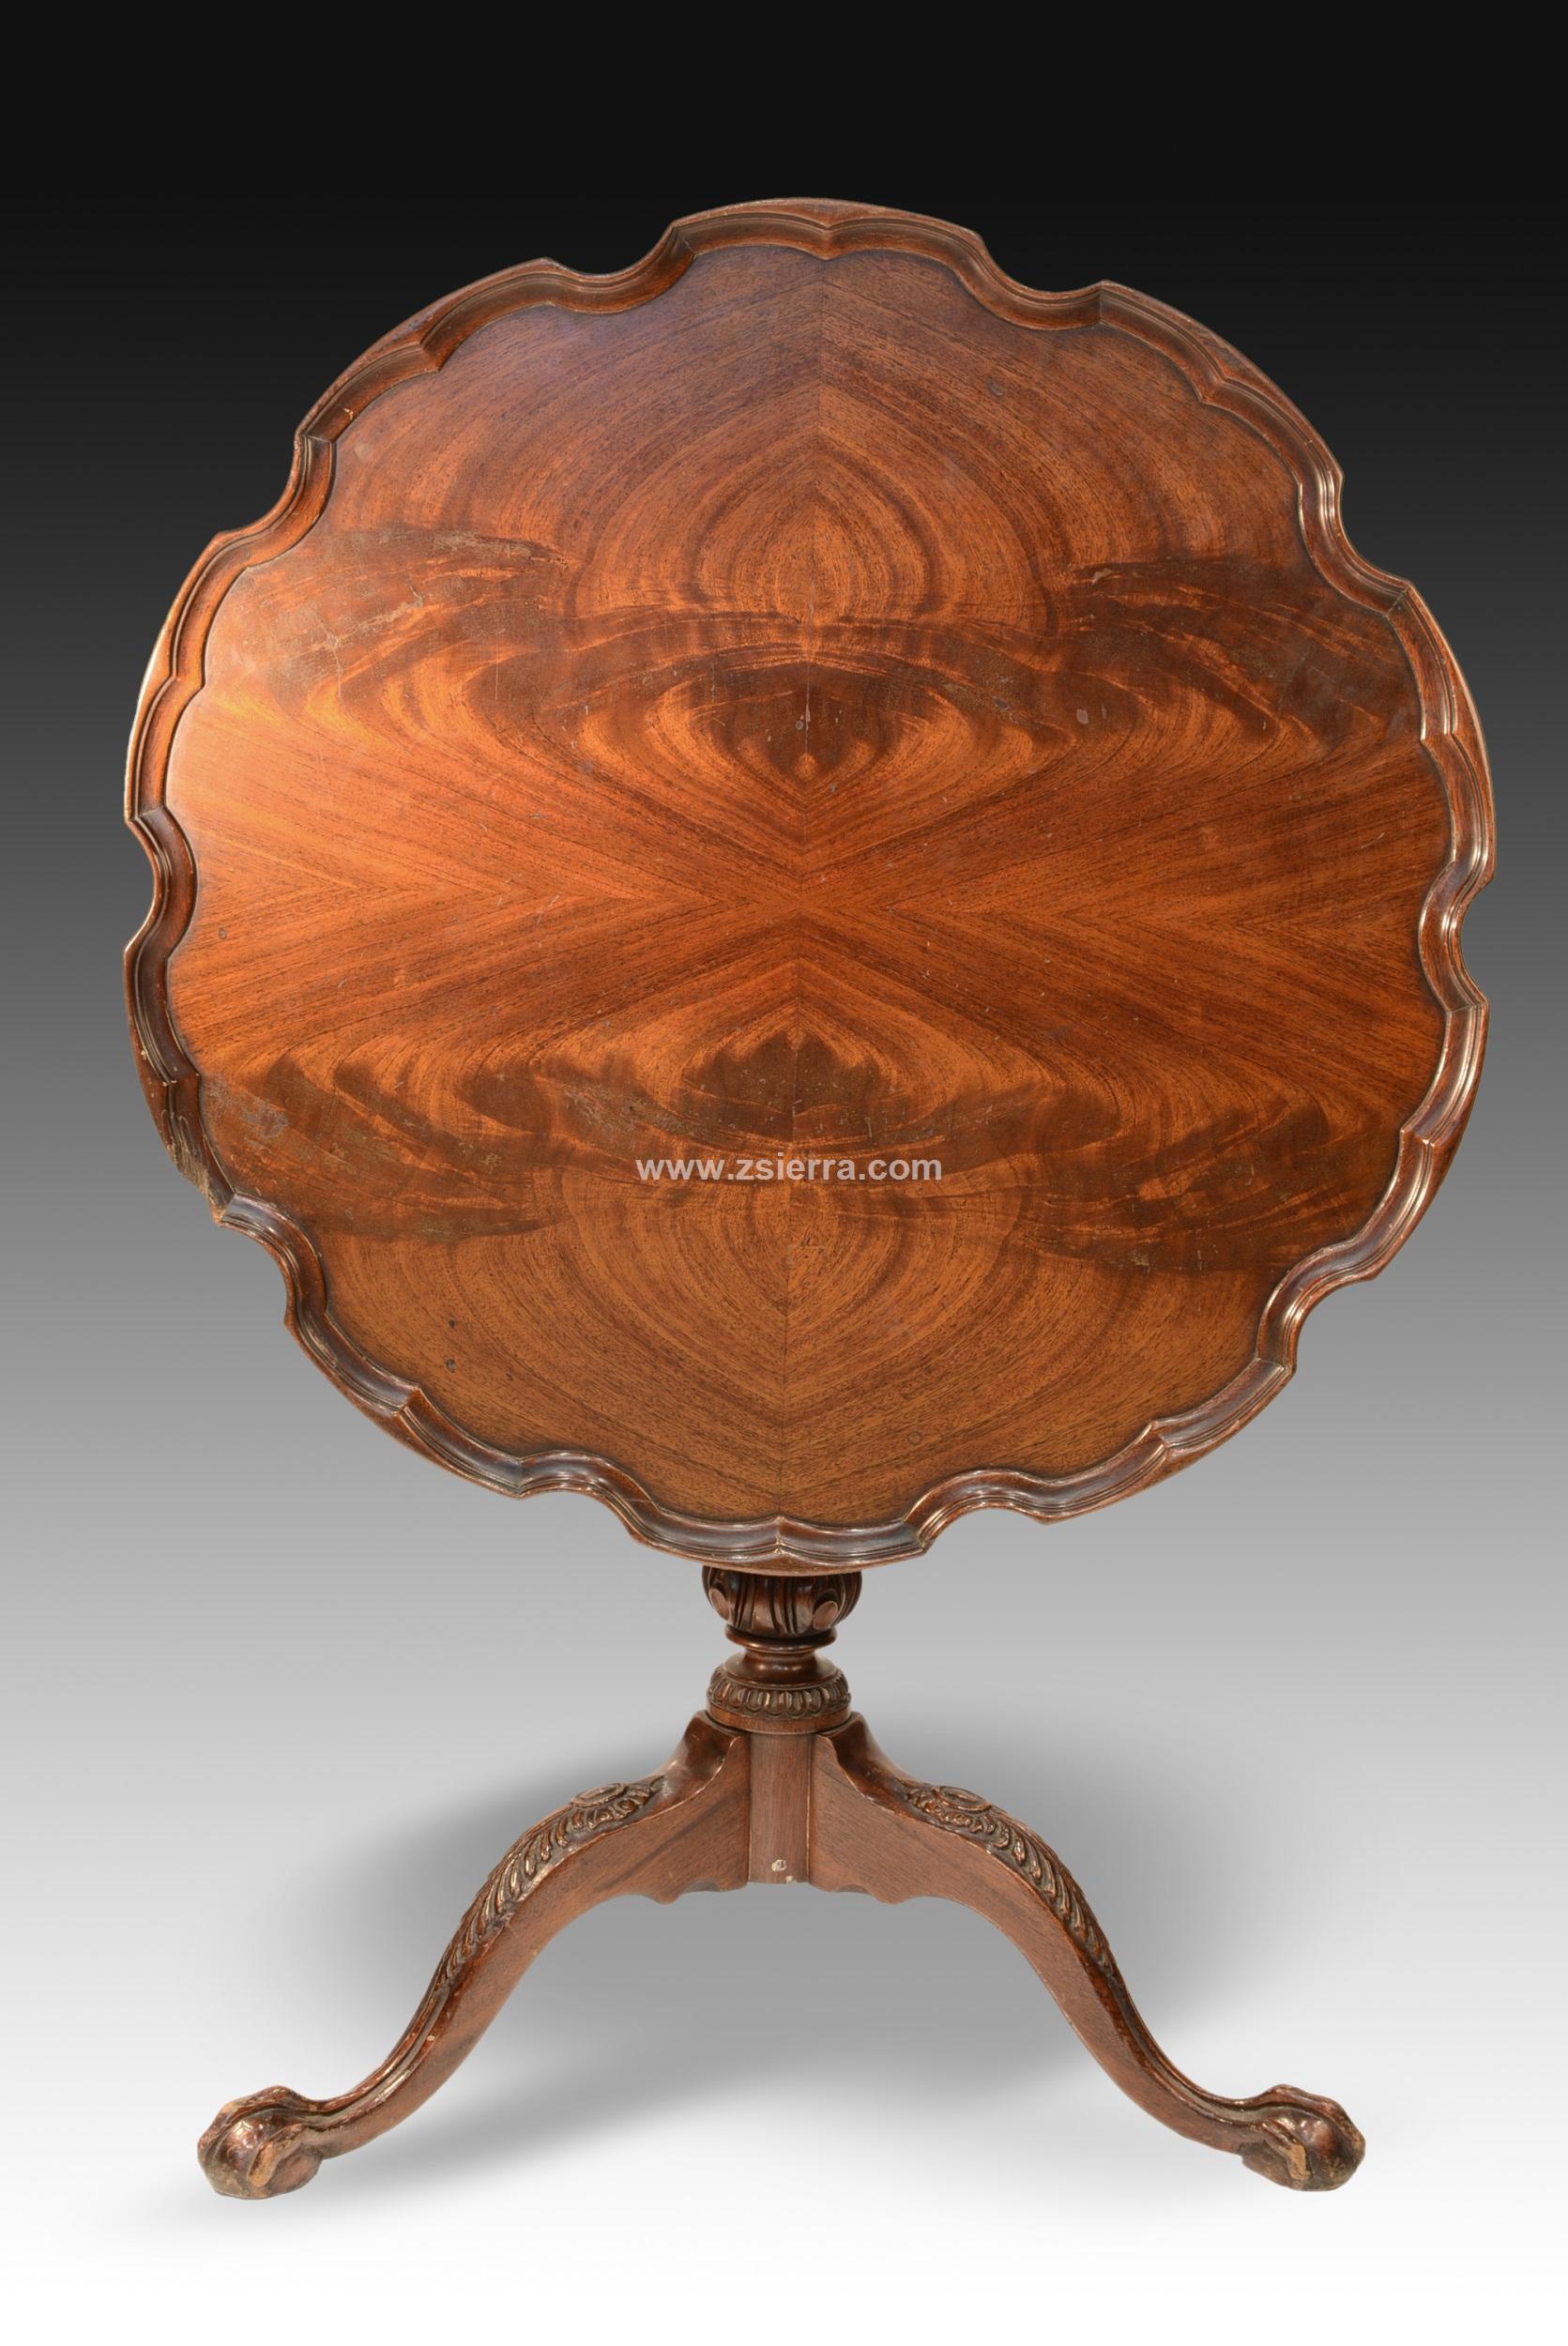 Z sierra antig edades y objetos de decoraci n mesa velador caoba estilo jorge ii eeuu h - Velador plegable ...